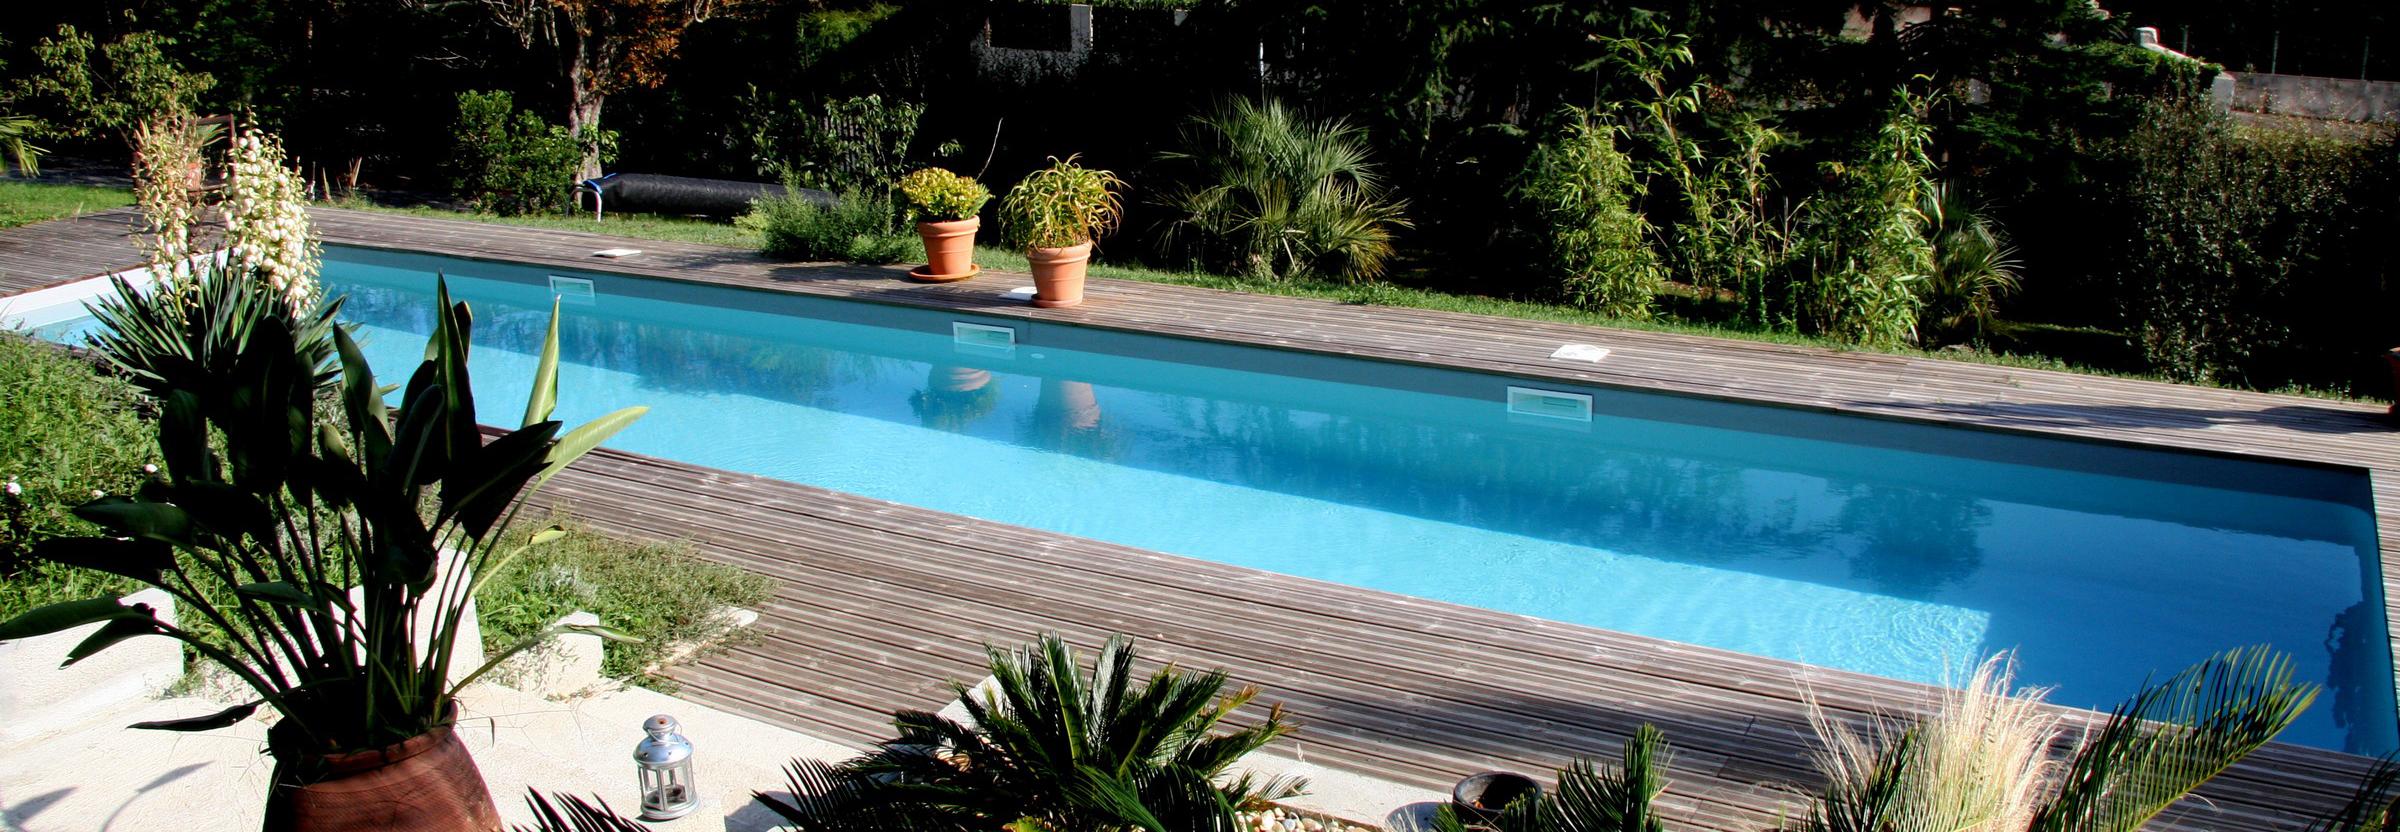 Constructeur De Piscine Paris piscine gironde | constructeur de piscine en gironde